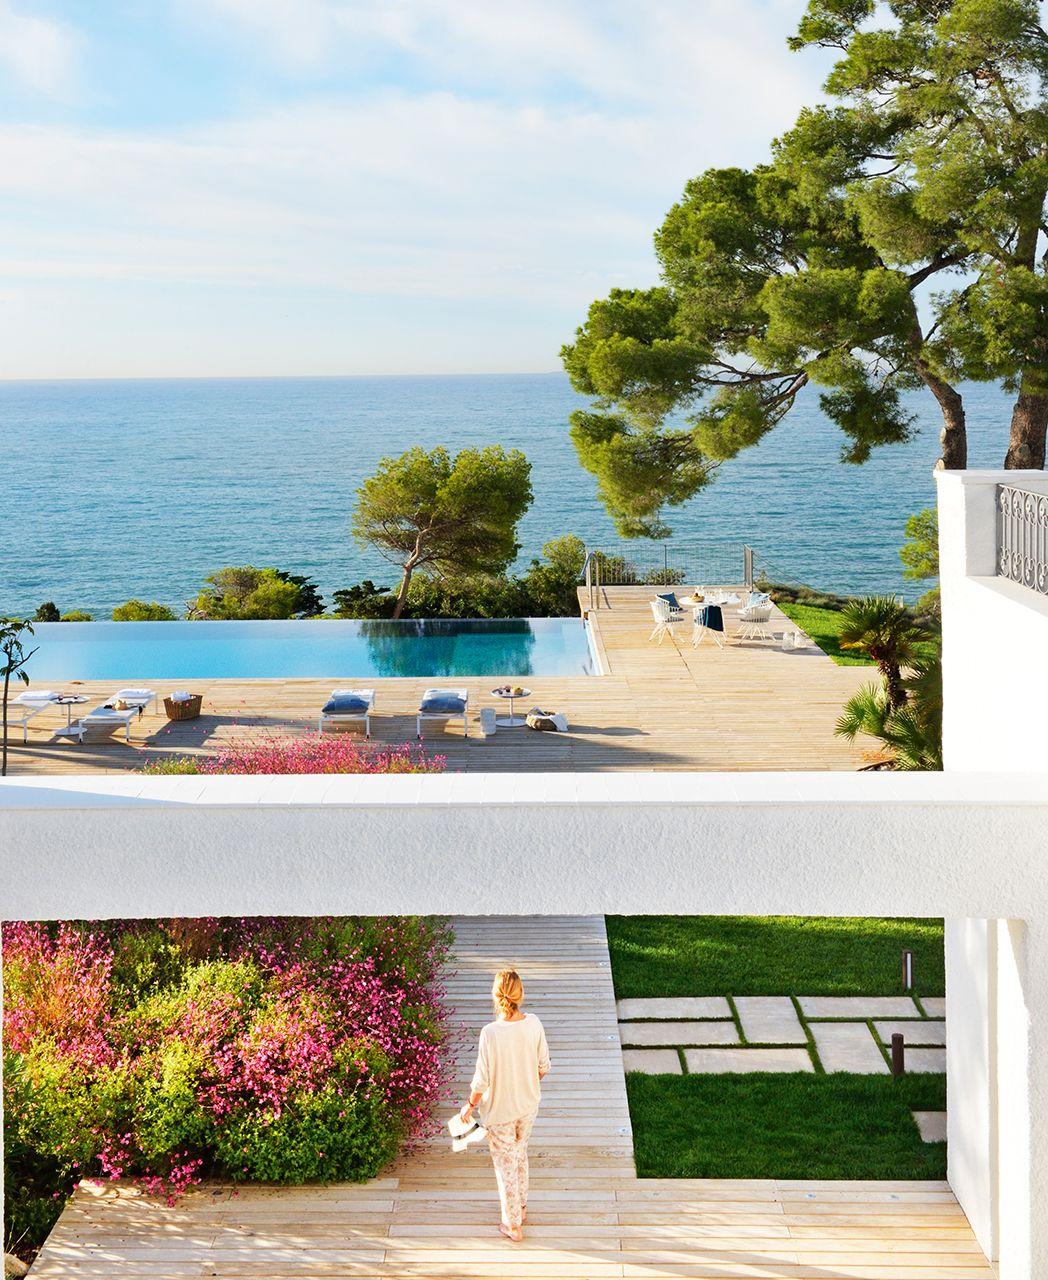 Vista de jard n con piscina desbordante exterior for Piscinas de jardin